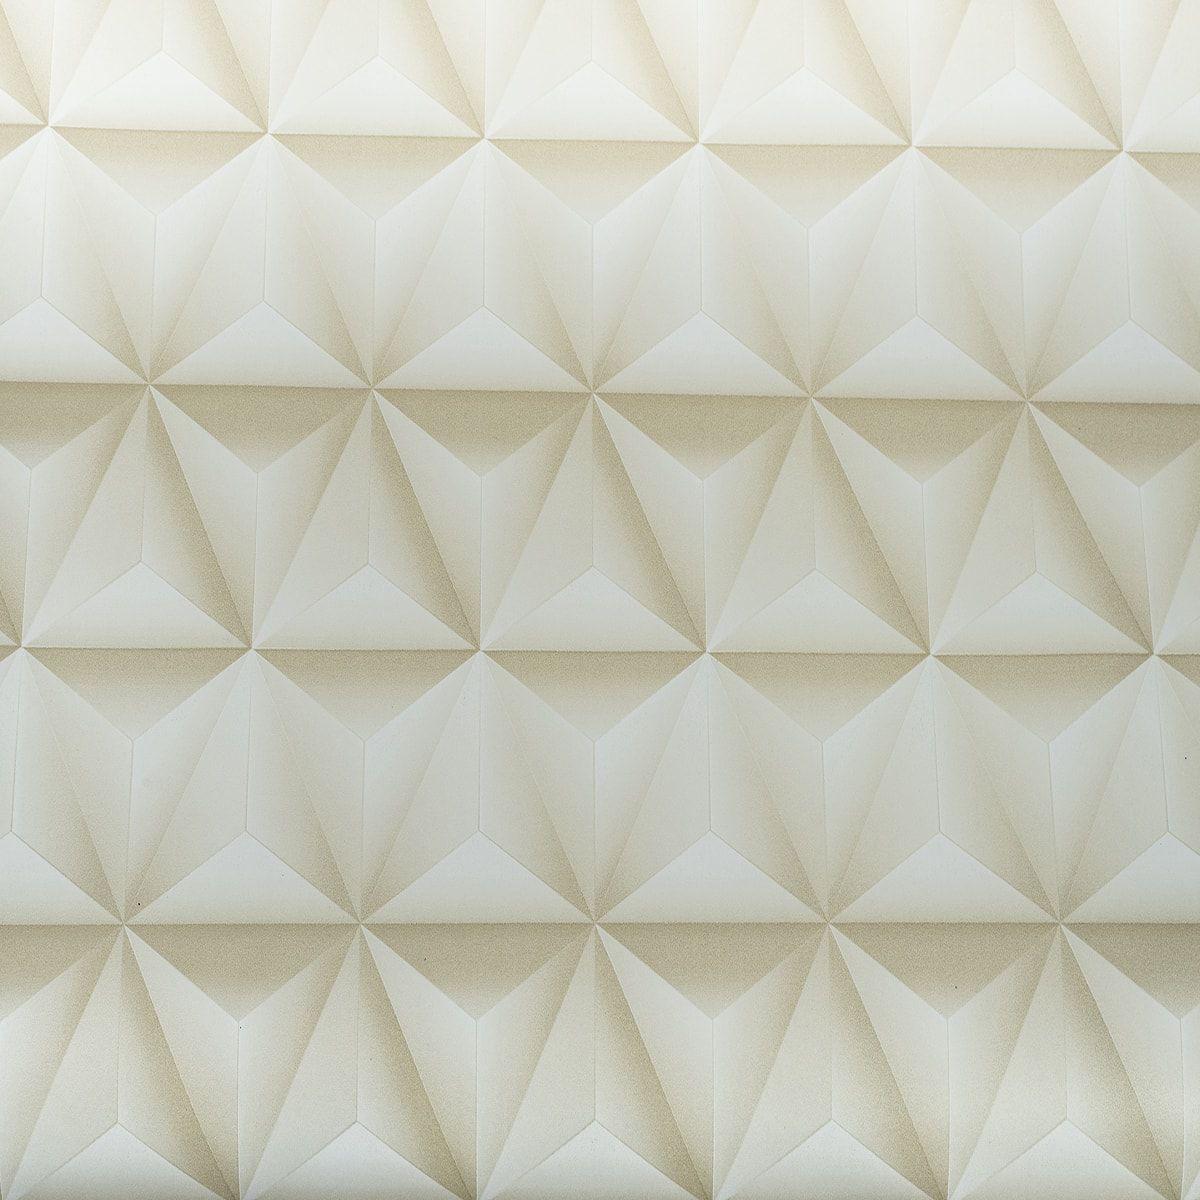 Papel de Parede Autoadesivo Geométrico 3D 45cm x 10m